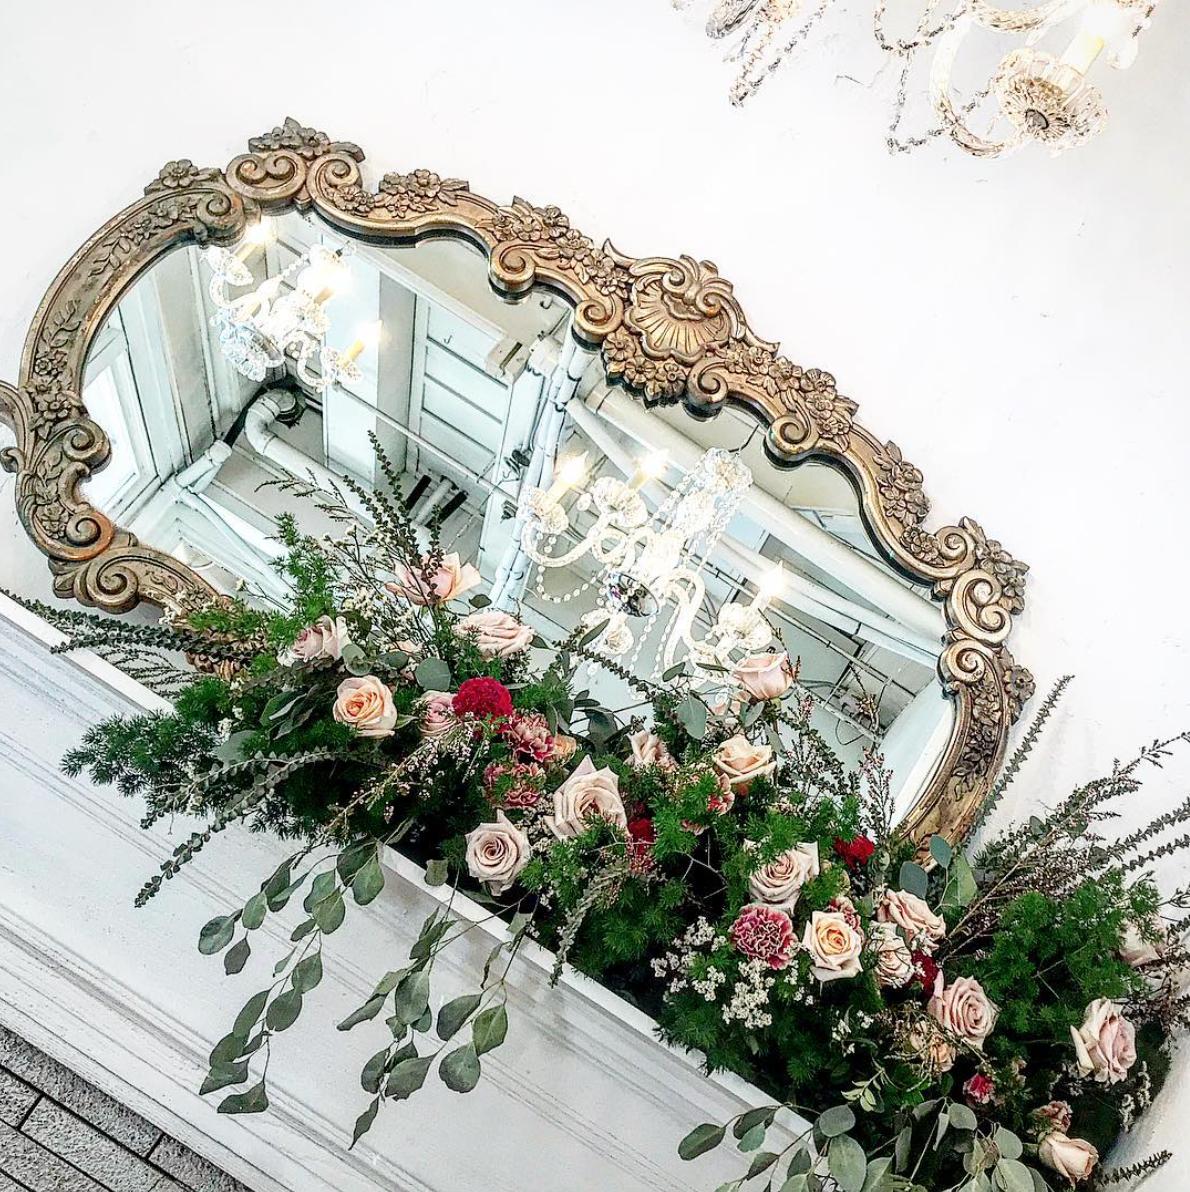 Beco studio dan meiners kc florist kc flowers kc wedding florist